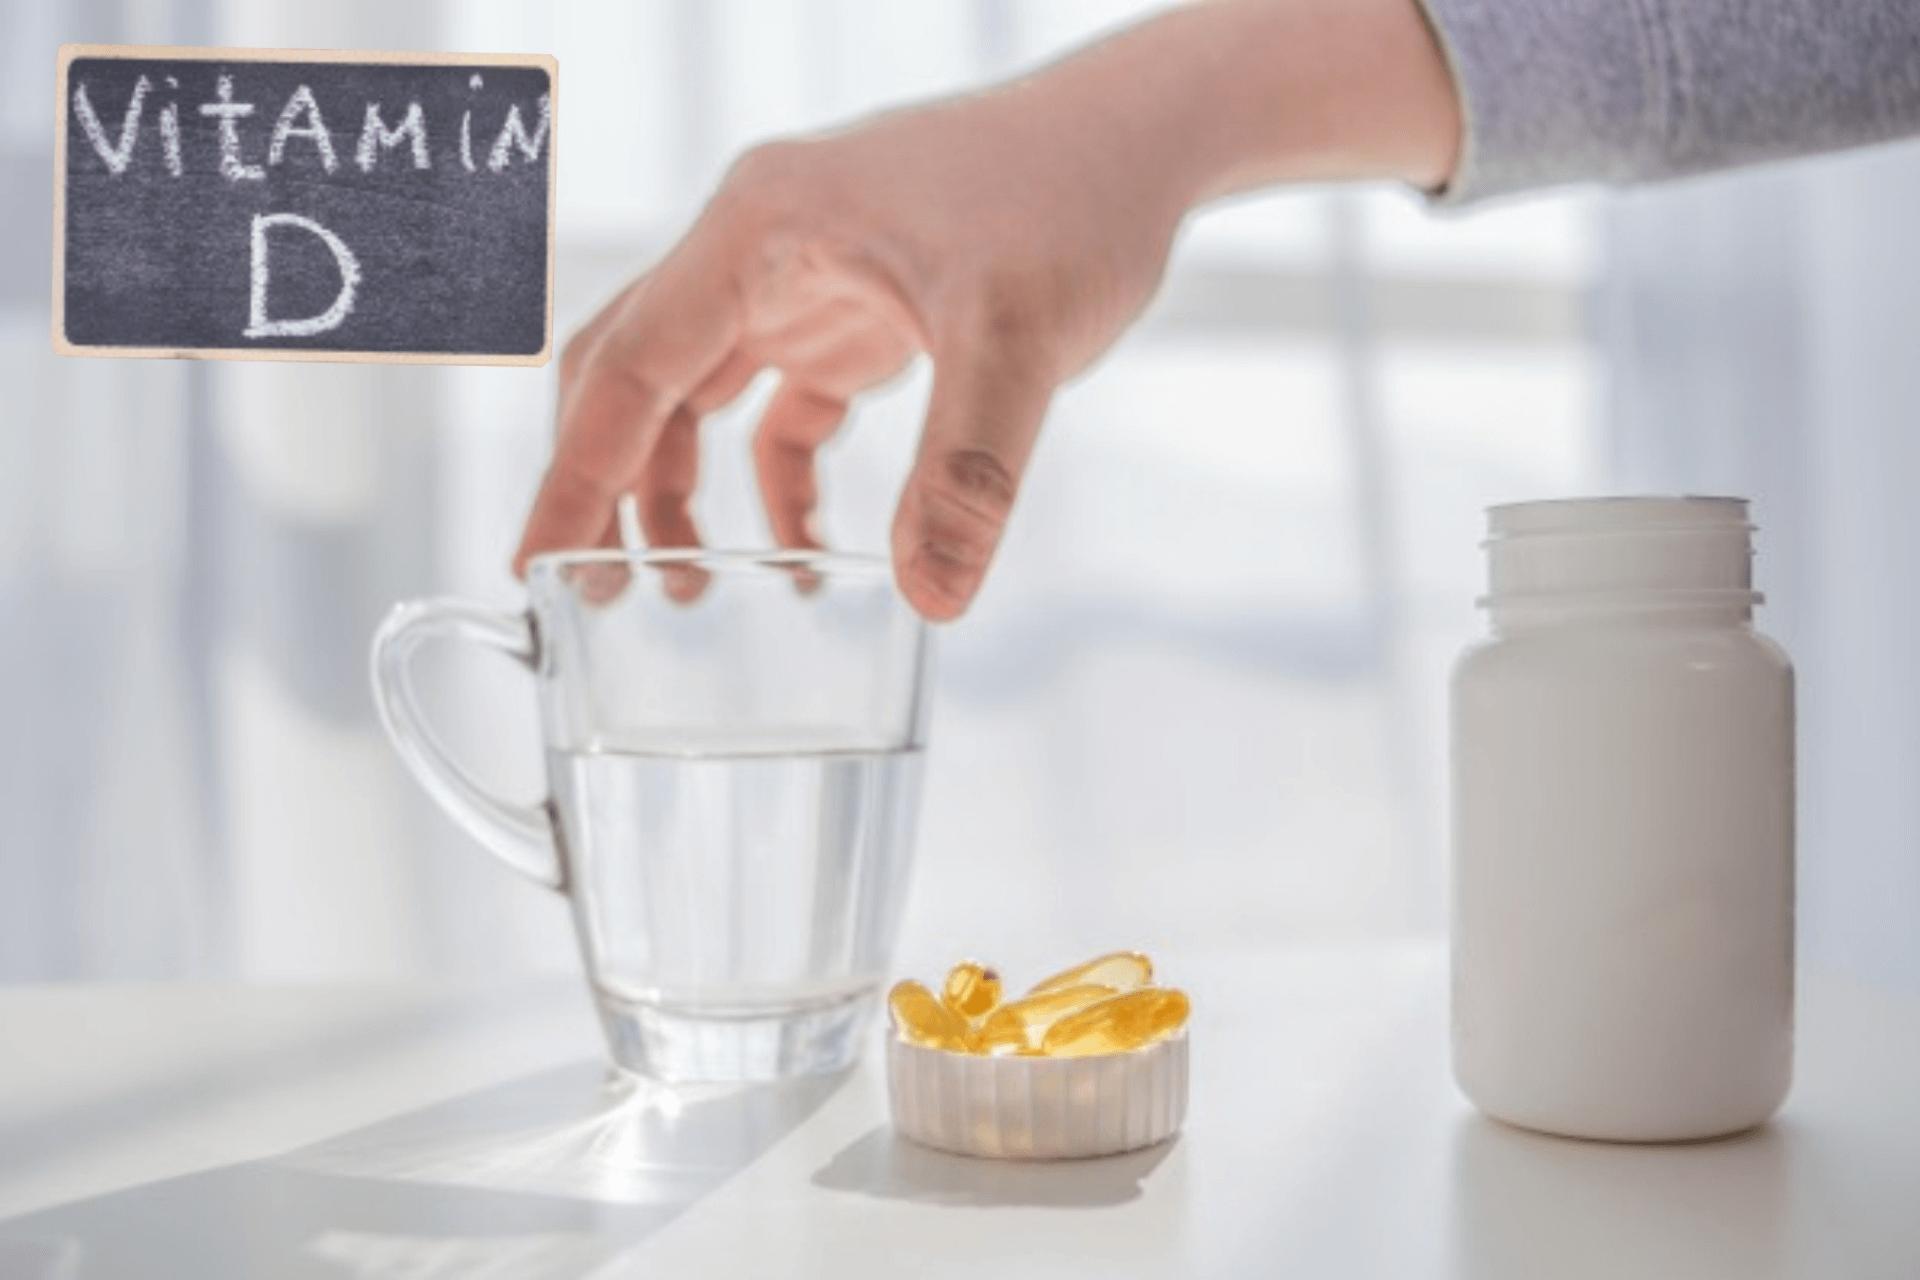 Coronavírus: Como a Vitamina D ajuda a reduzir os riscos de infecção